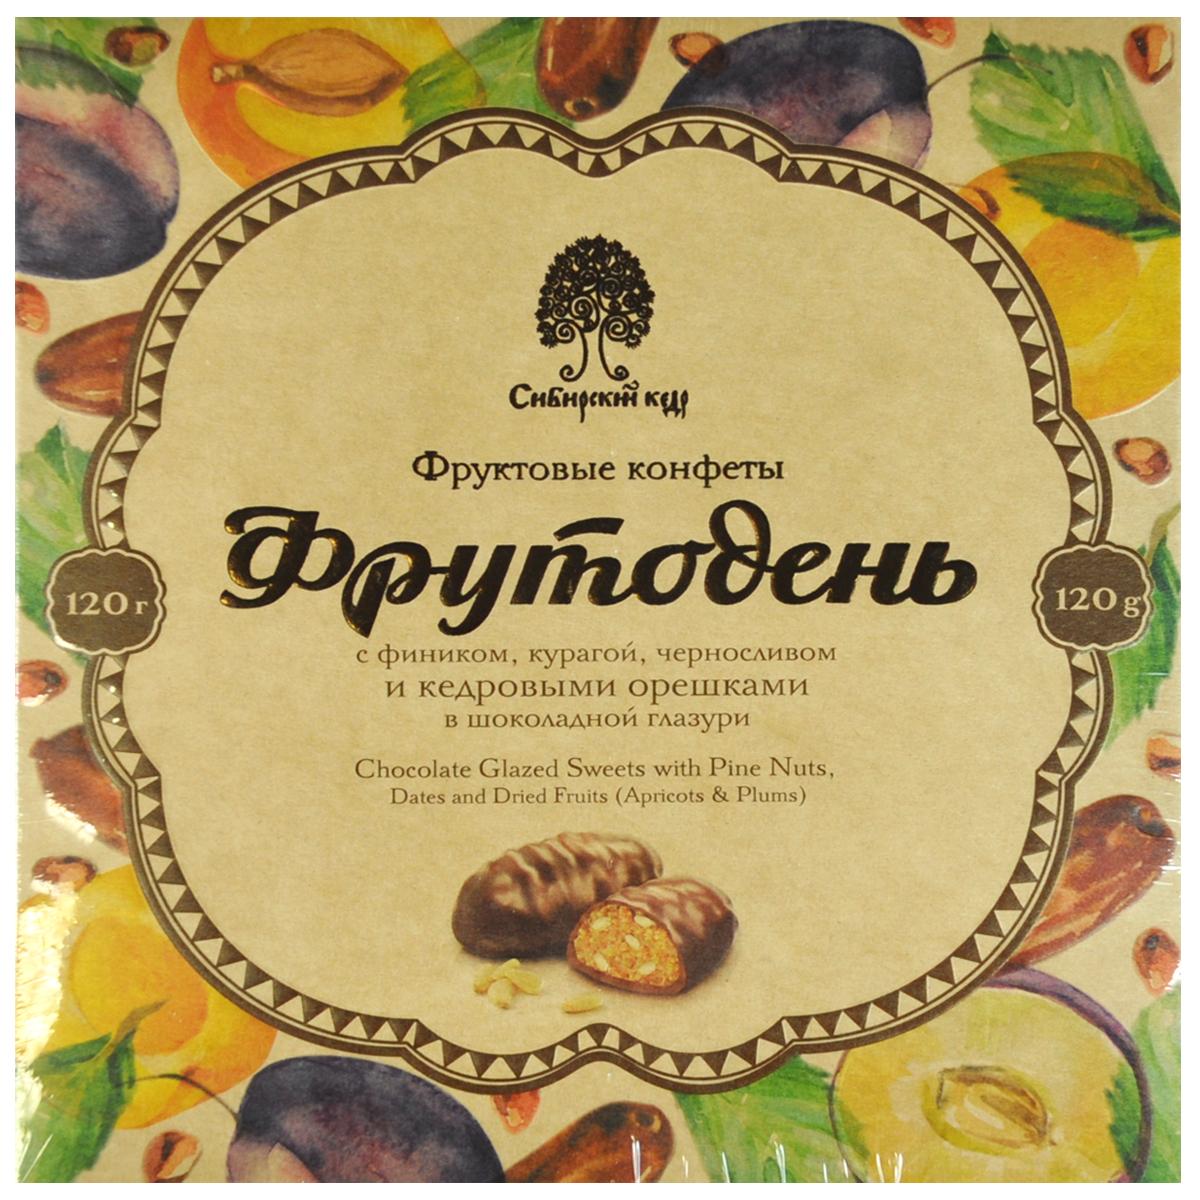 Сибирский Кедр конфеты фрутодень с кедровыми орешками в шоколадной глазури, 120 г crystal trees кедр сибирский